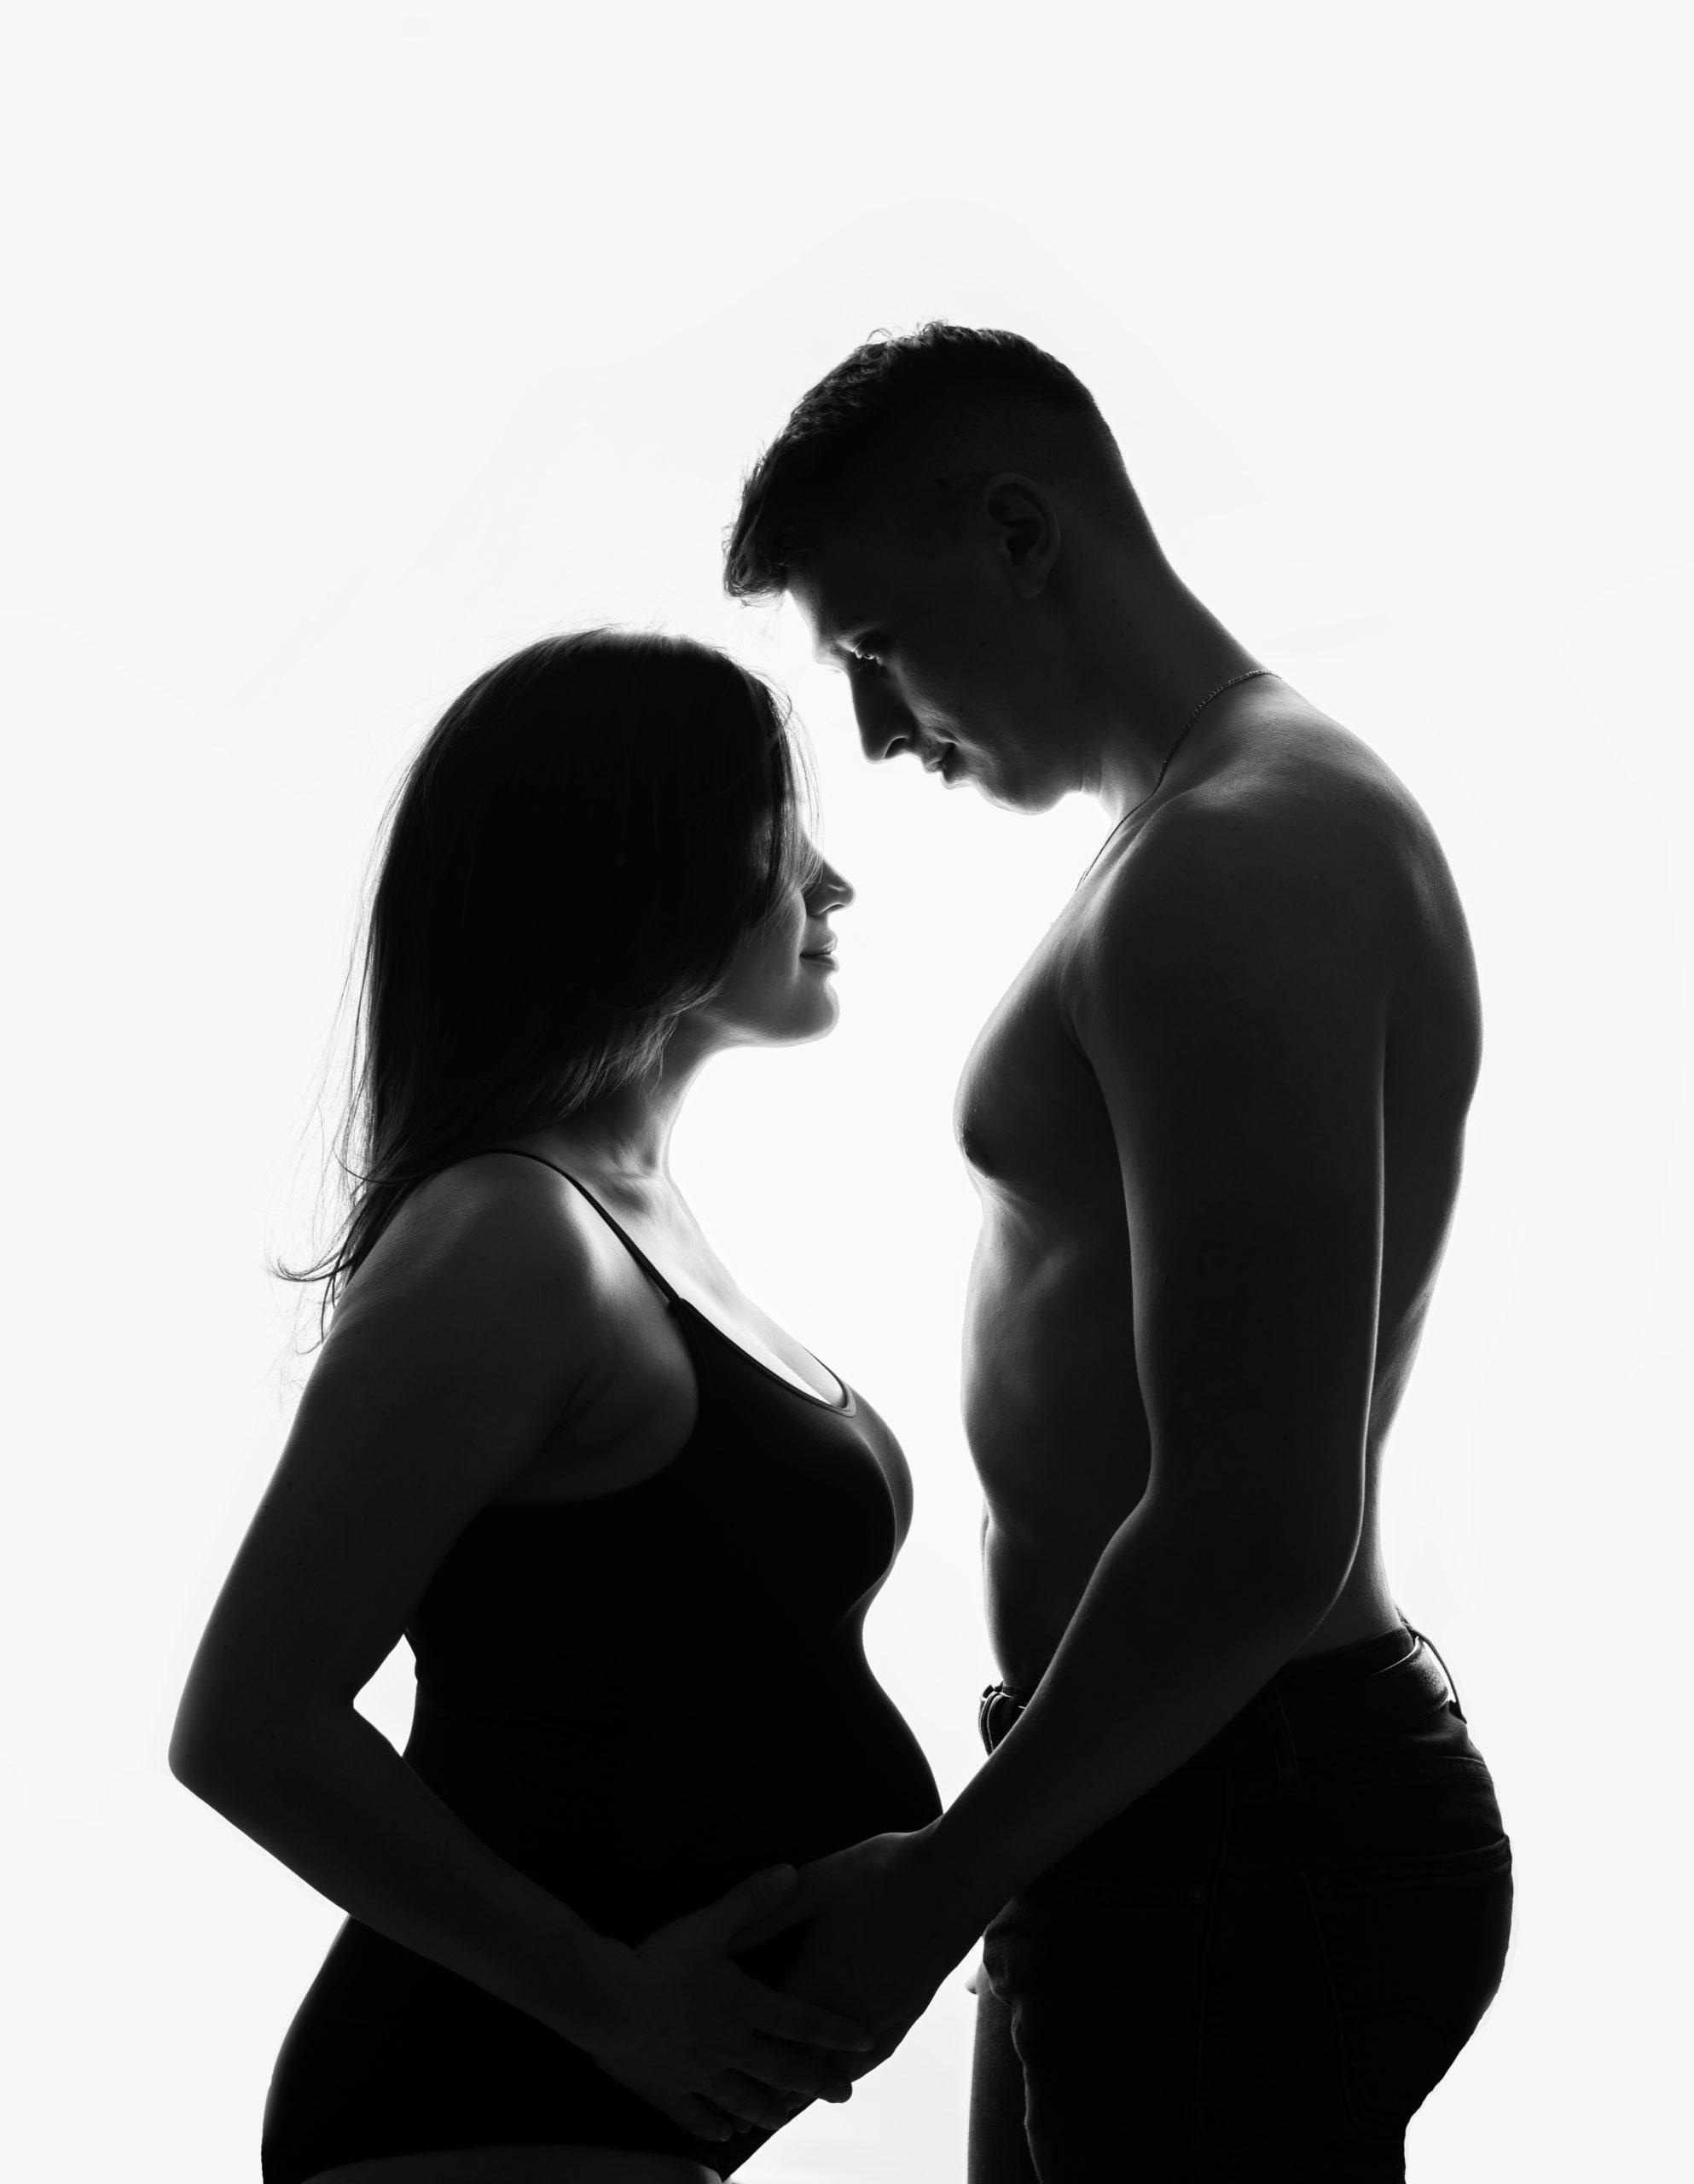 Photo grossesse de silhouette de belle femme enceinte avec future papa réalisée pendent une séance grossesse stylisée avec maquillage et coiffure professionnelles